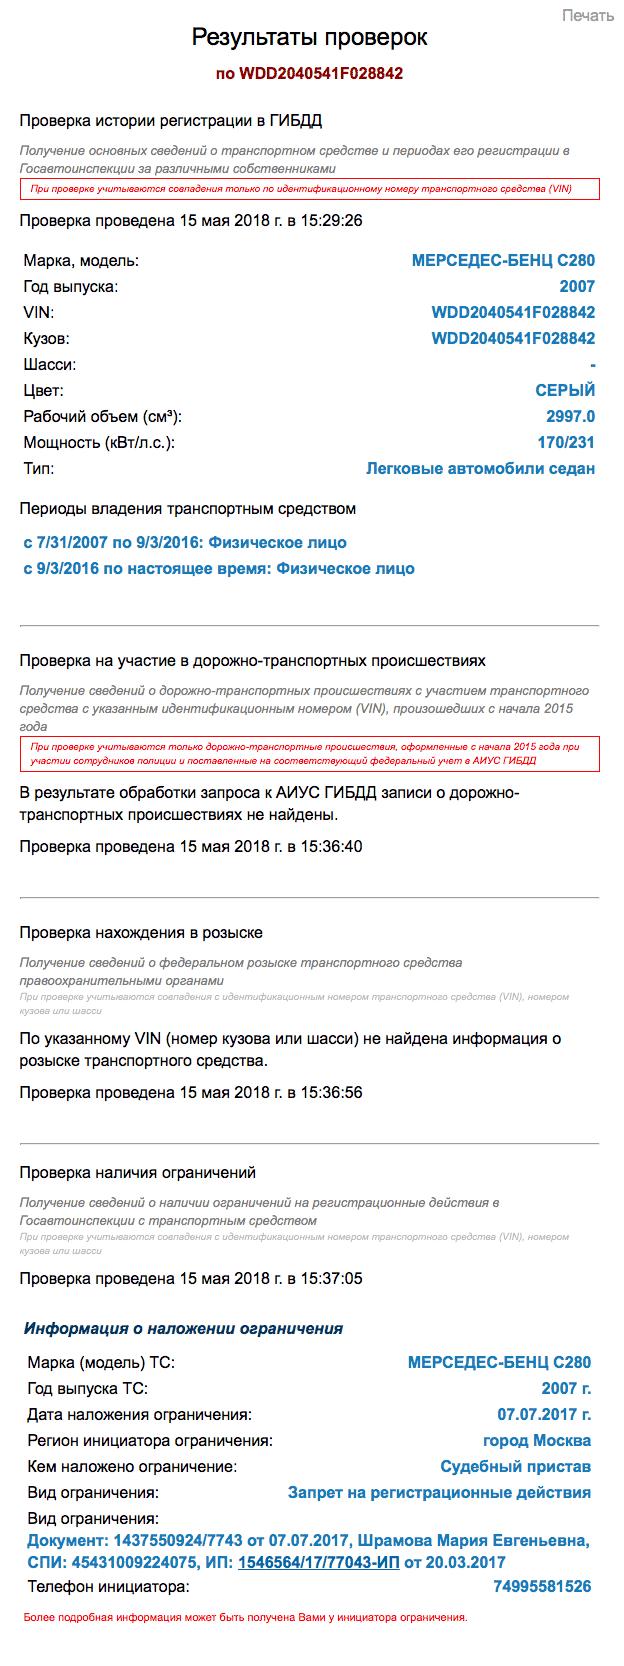 Пример проверки автомобиля по сайту ГИБДД. База обновляется ежедневно